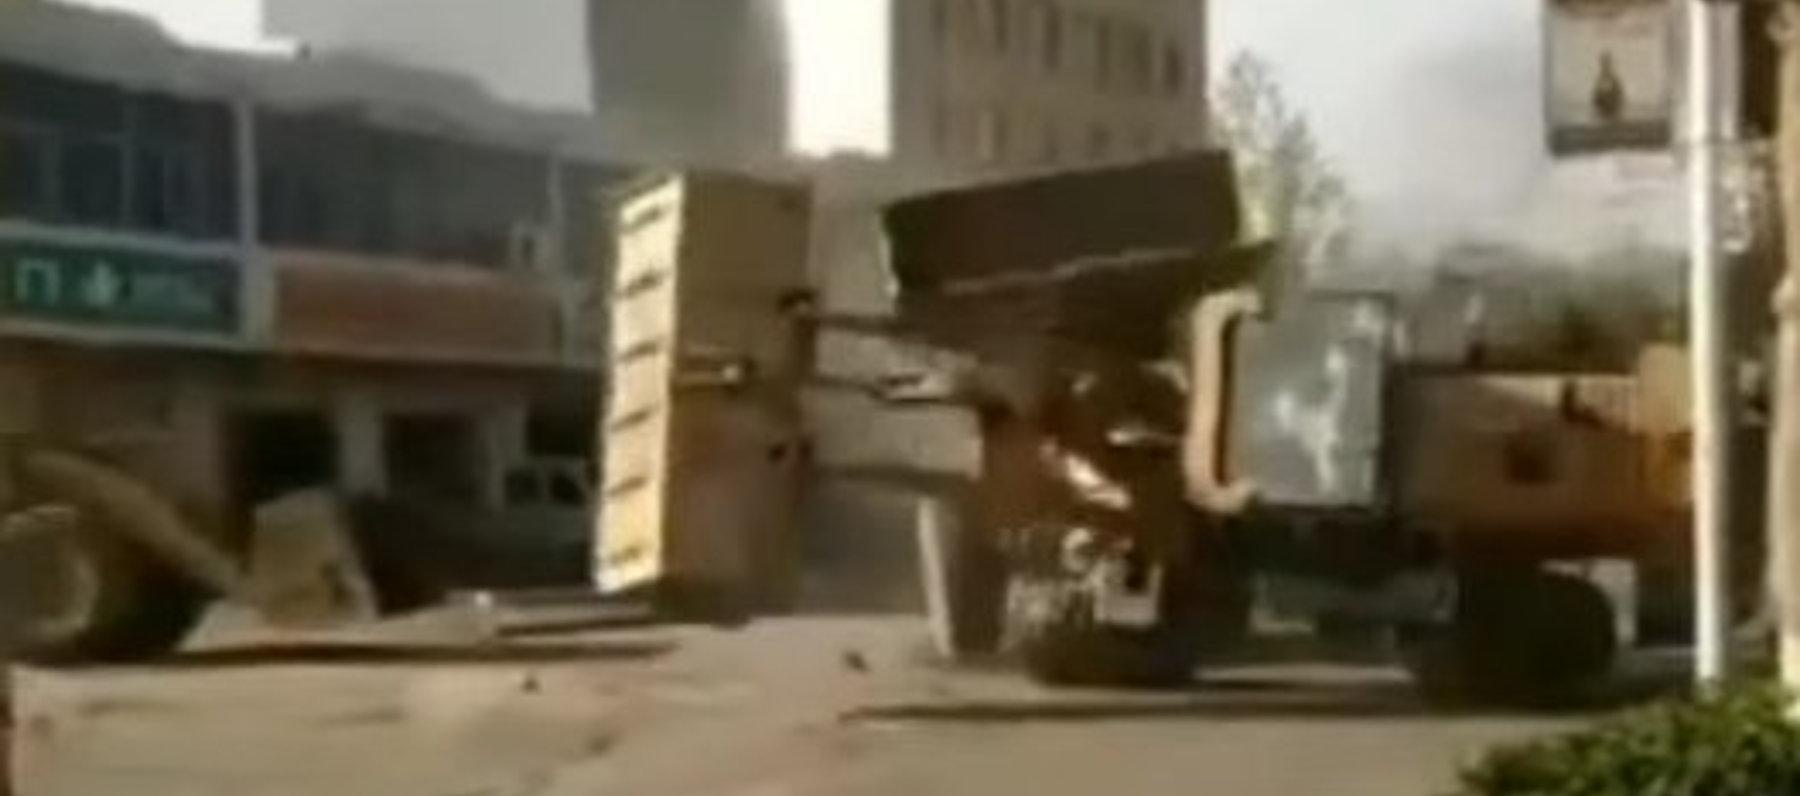 Batalla excavadoras